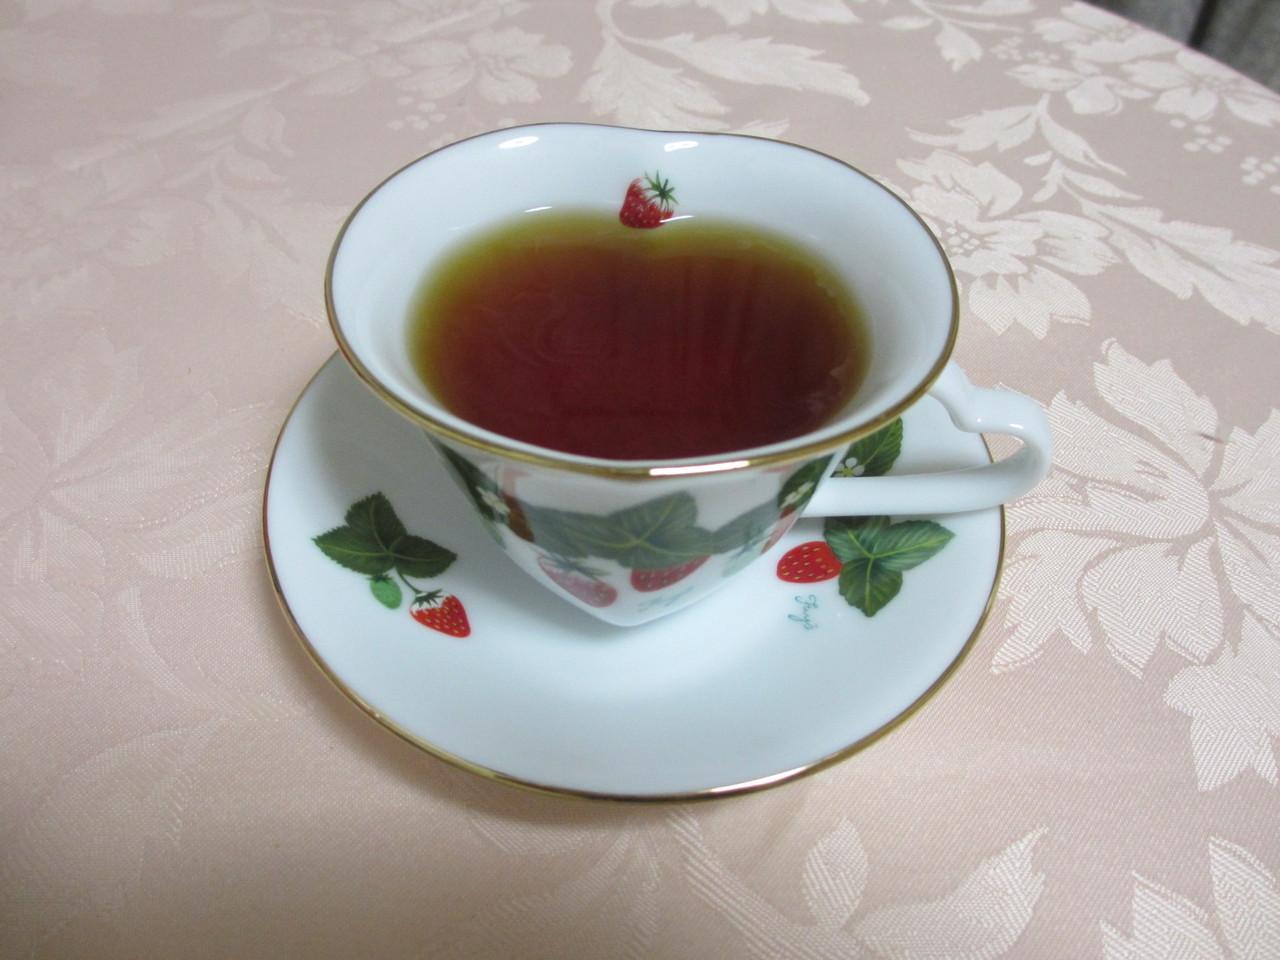 終わったら紅茶、ハーブティでほっと一息ついてくださいね。